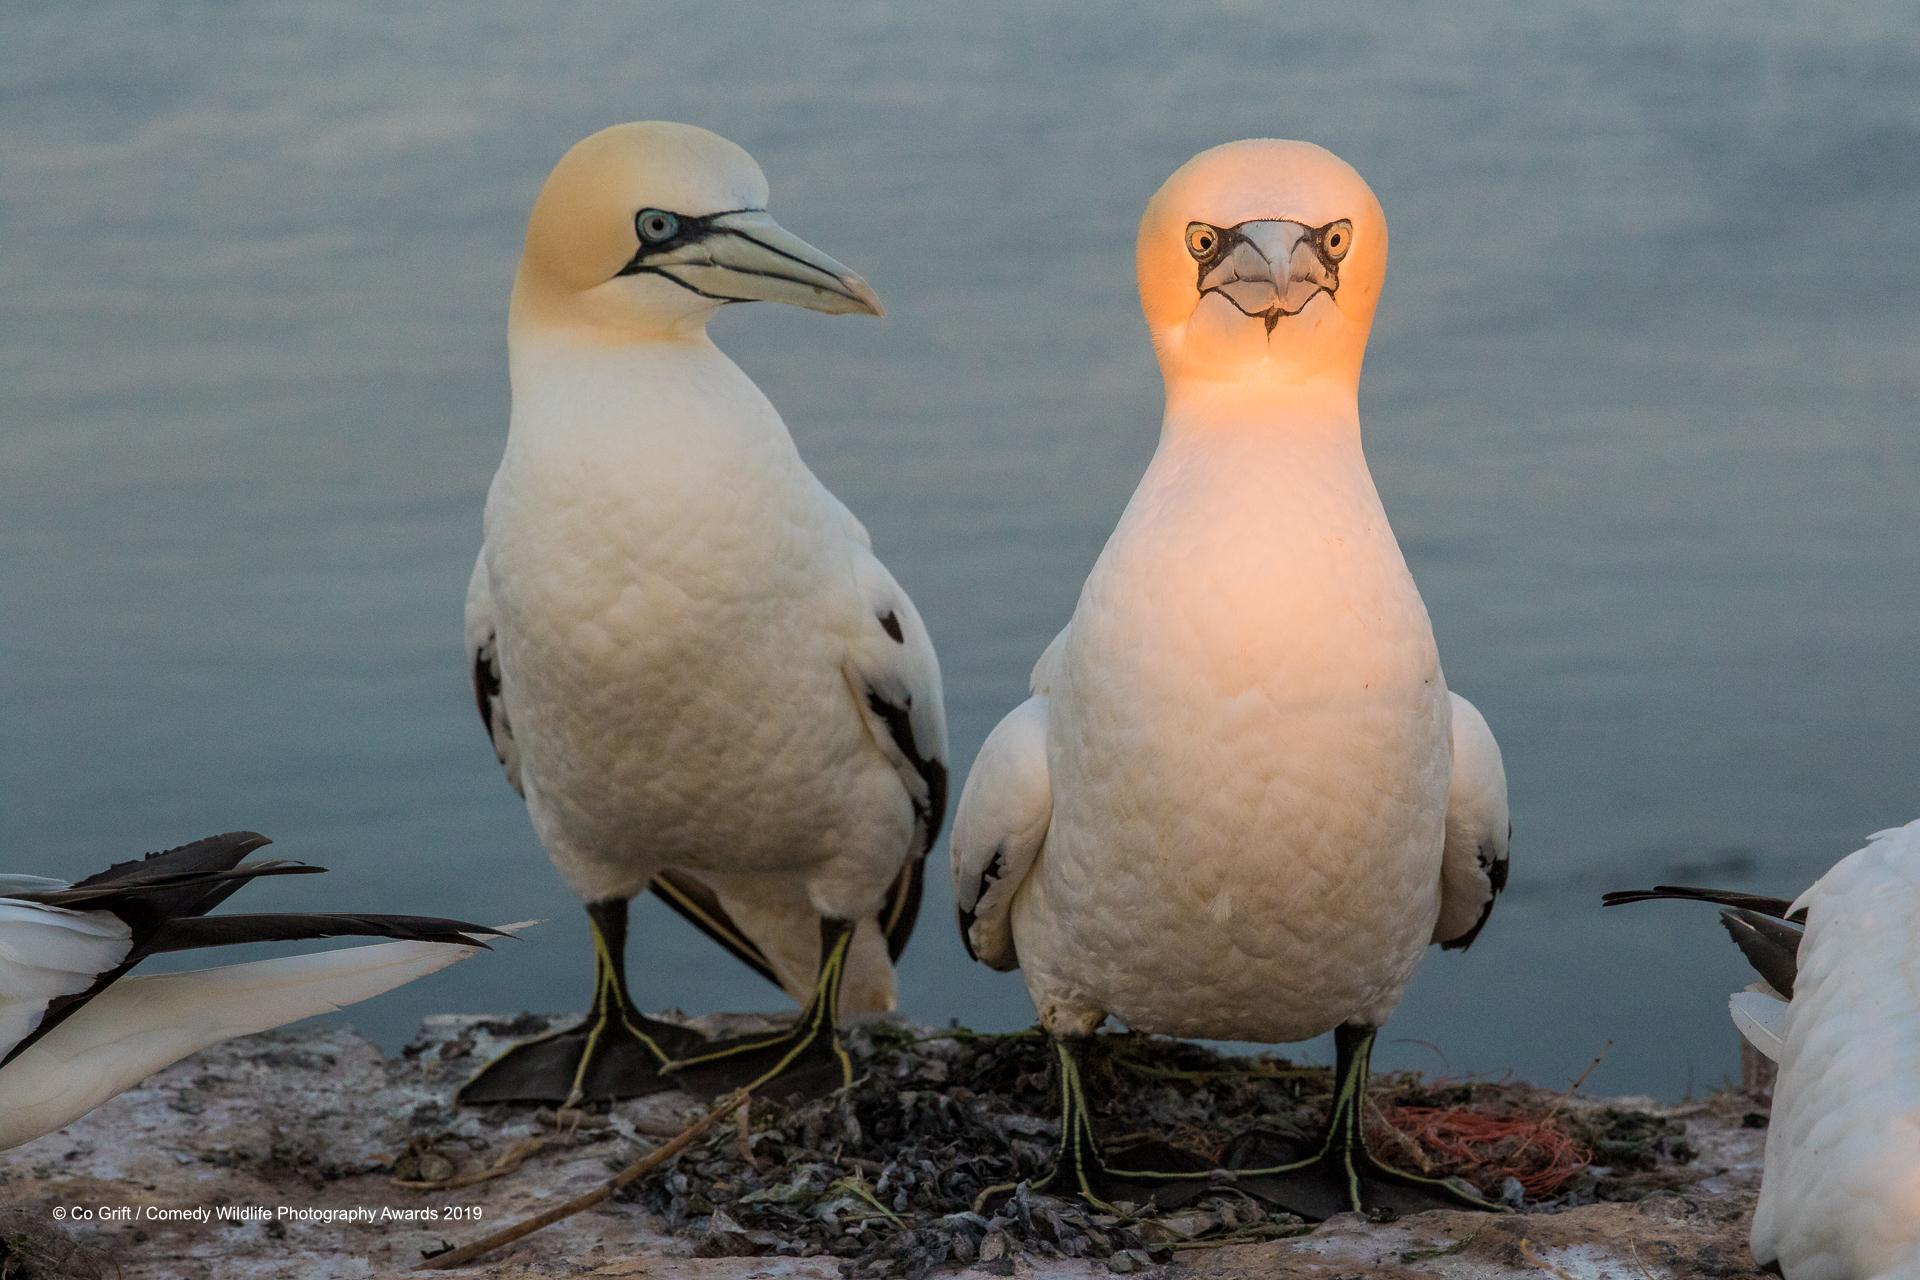 Dvije blune na njemačkom arhipelagu Heligolandu, jedna malo bijesnija od druge. Snimio ih je Co Grift